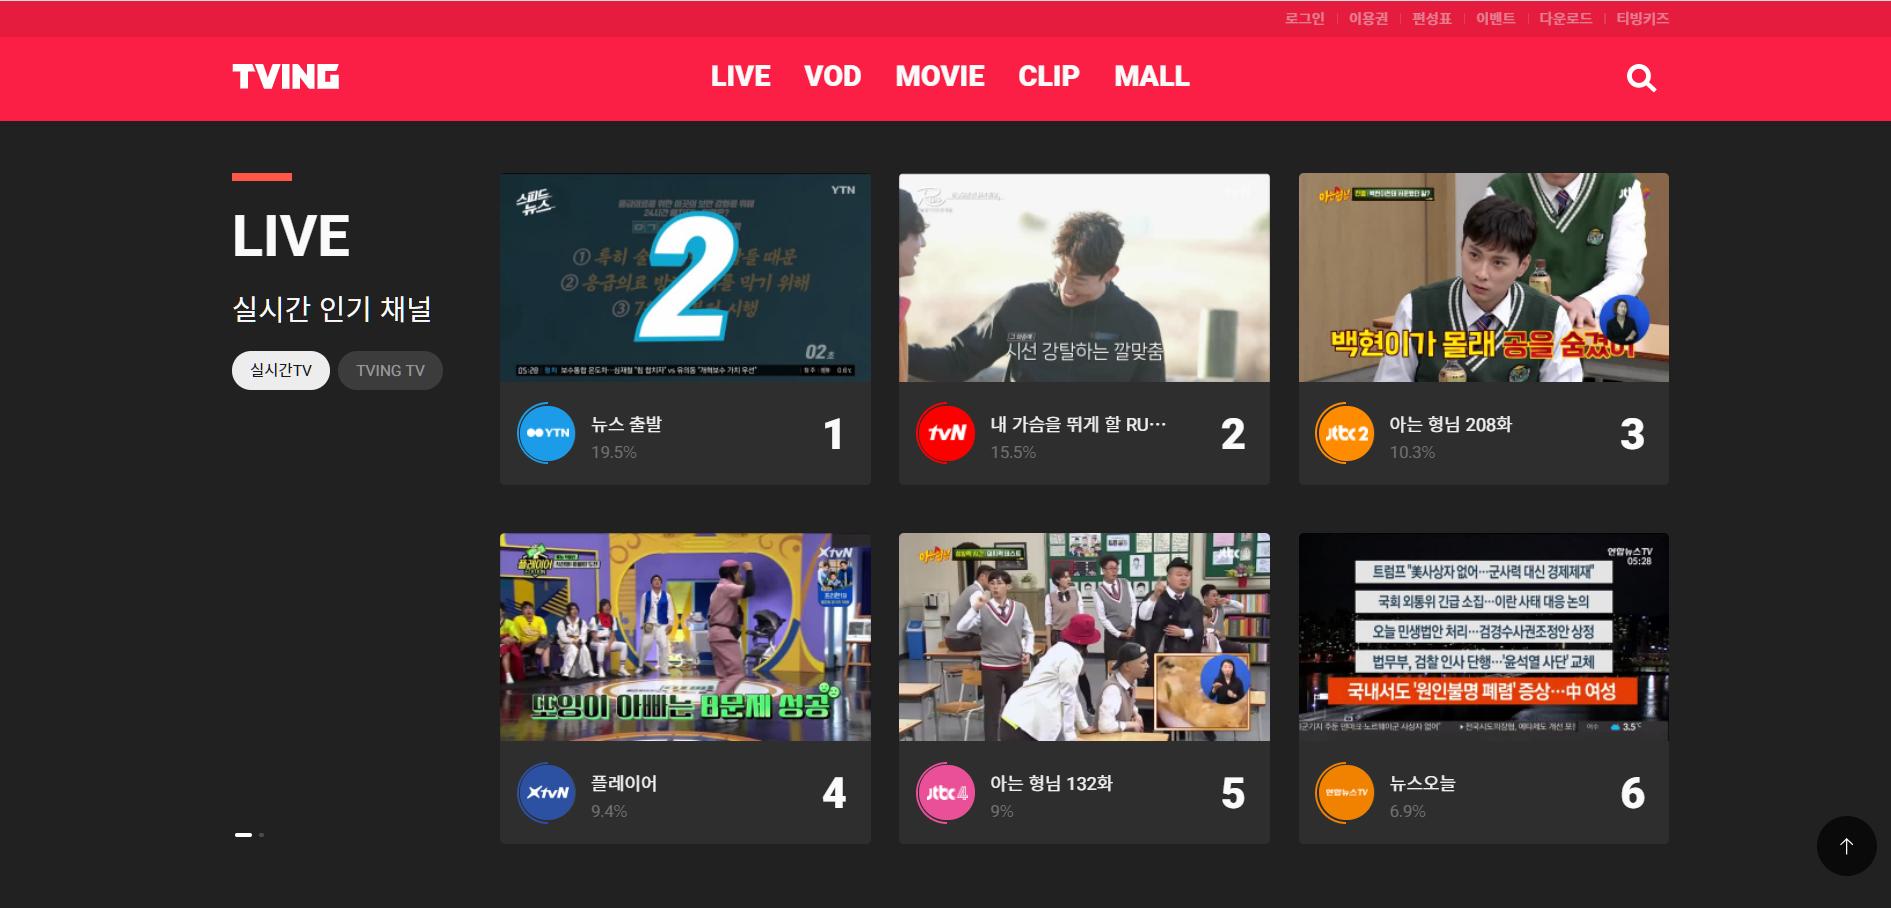 2020년  한국 외부에서 TVING을 시청하는 방법